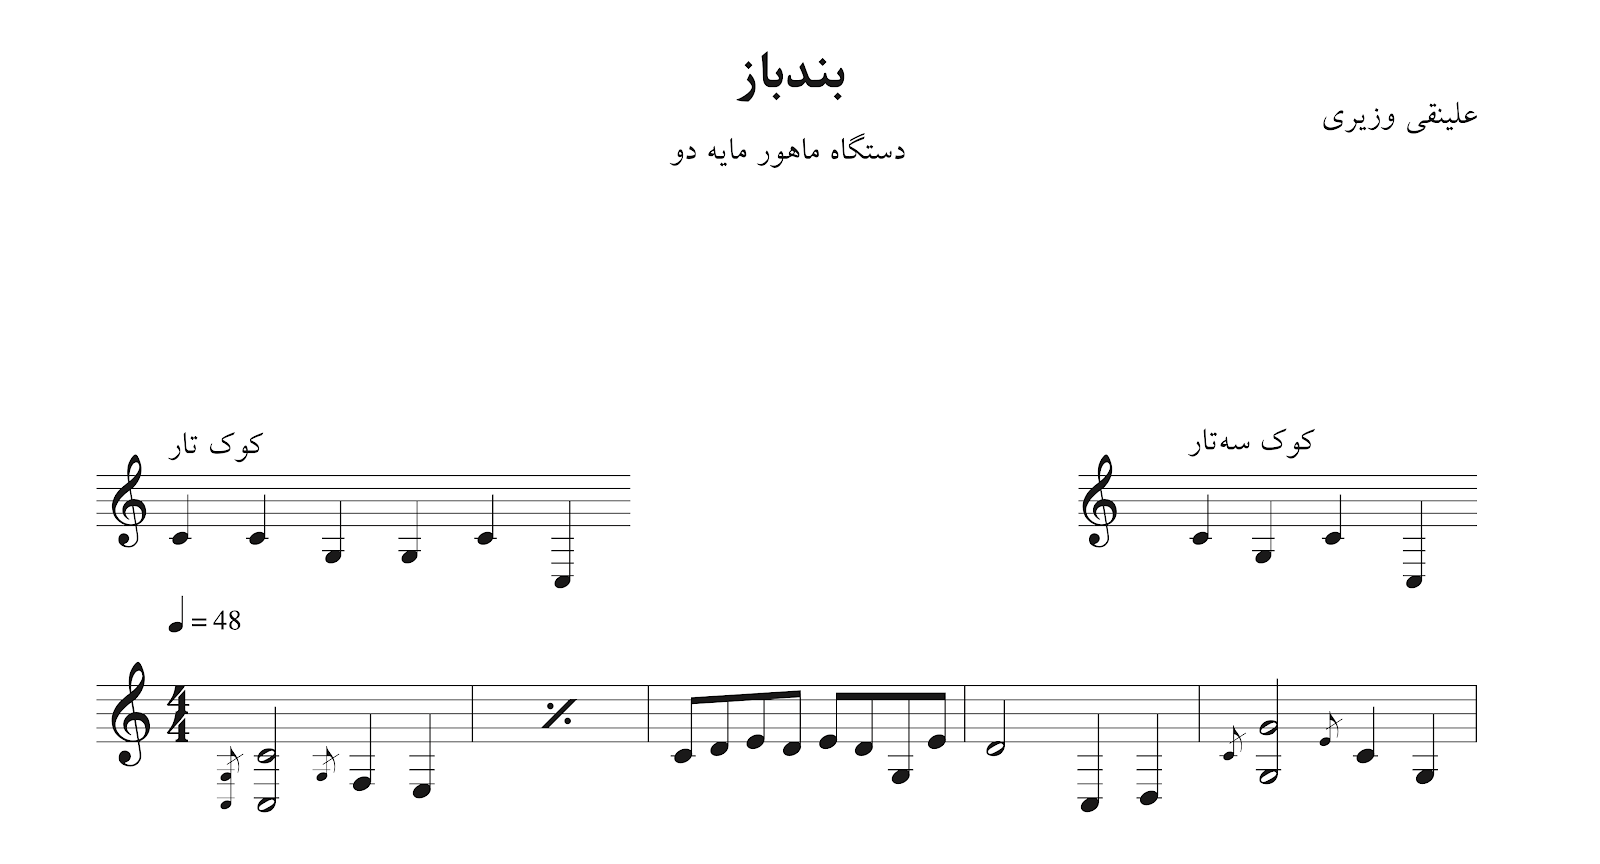 نت بندباز علینقی وزیری نتنویسی و اجرا با تار هوشنگ ظریف